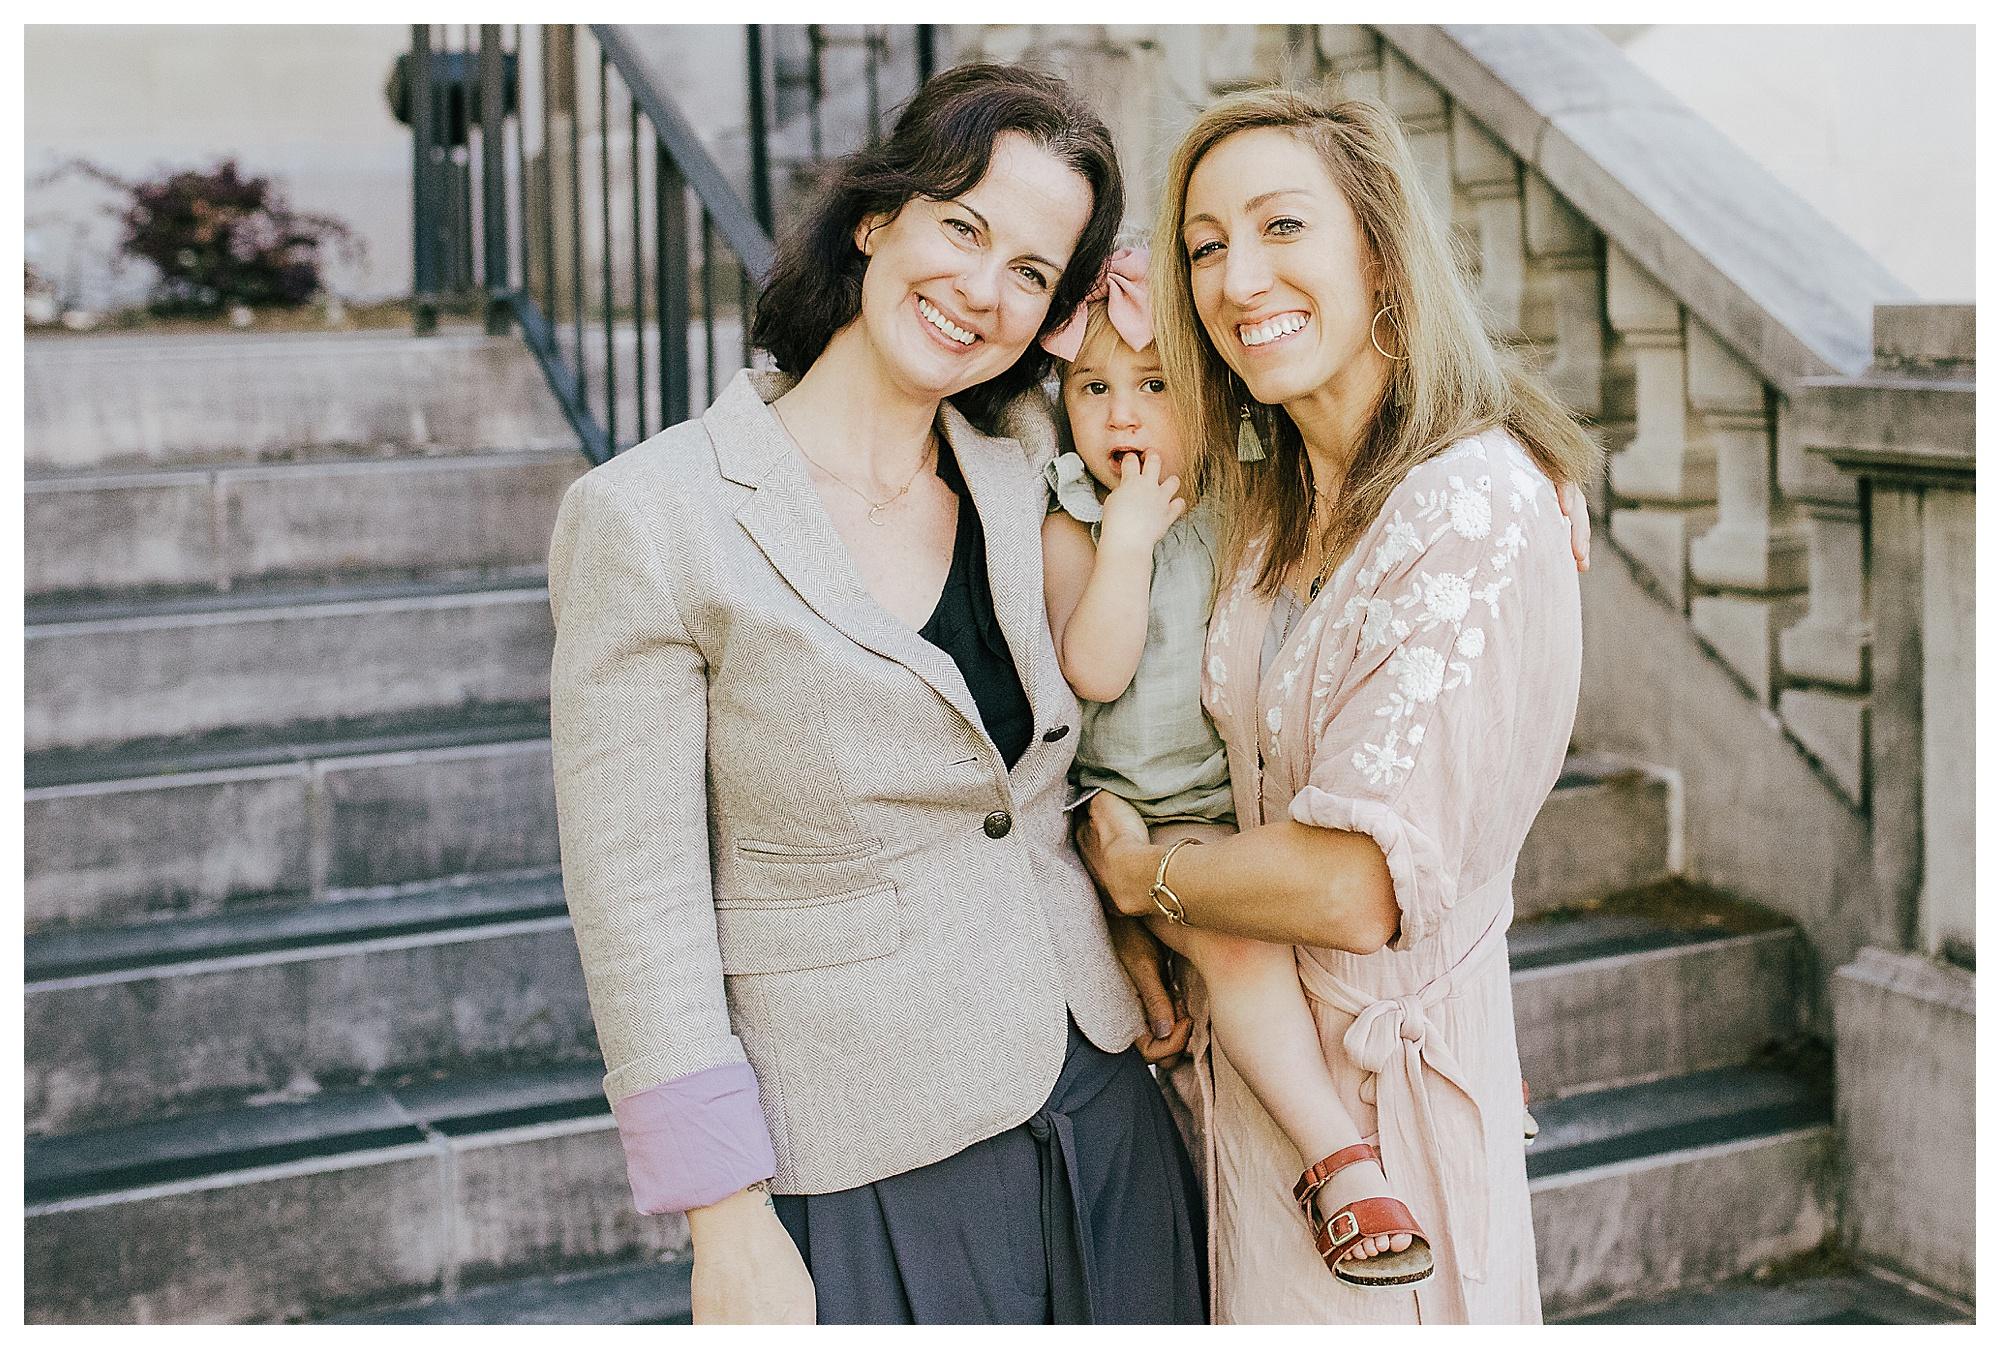 Emily Lapish Photo + Film documentary adoption photography_0012.jpg